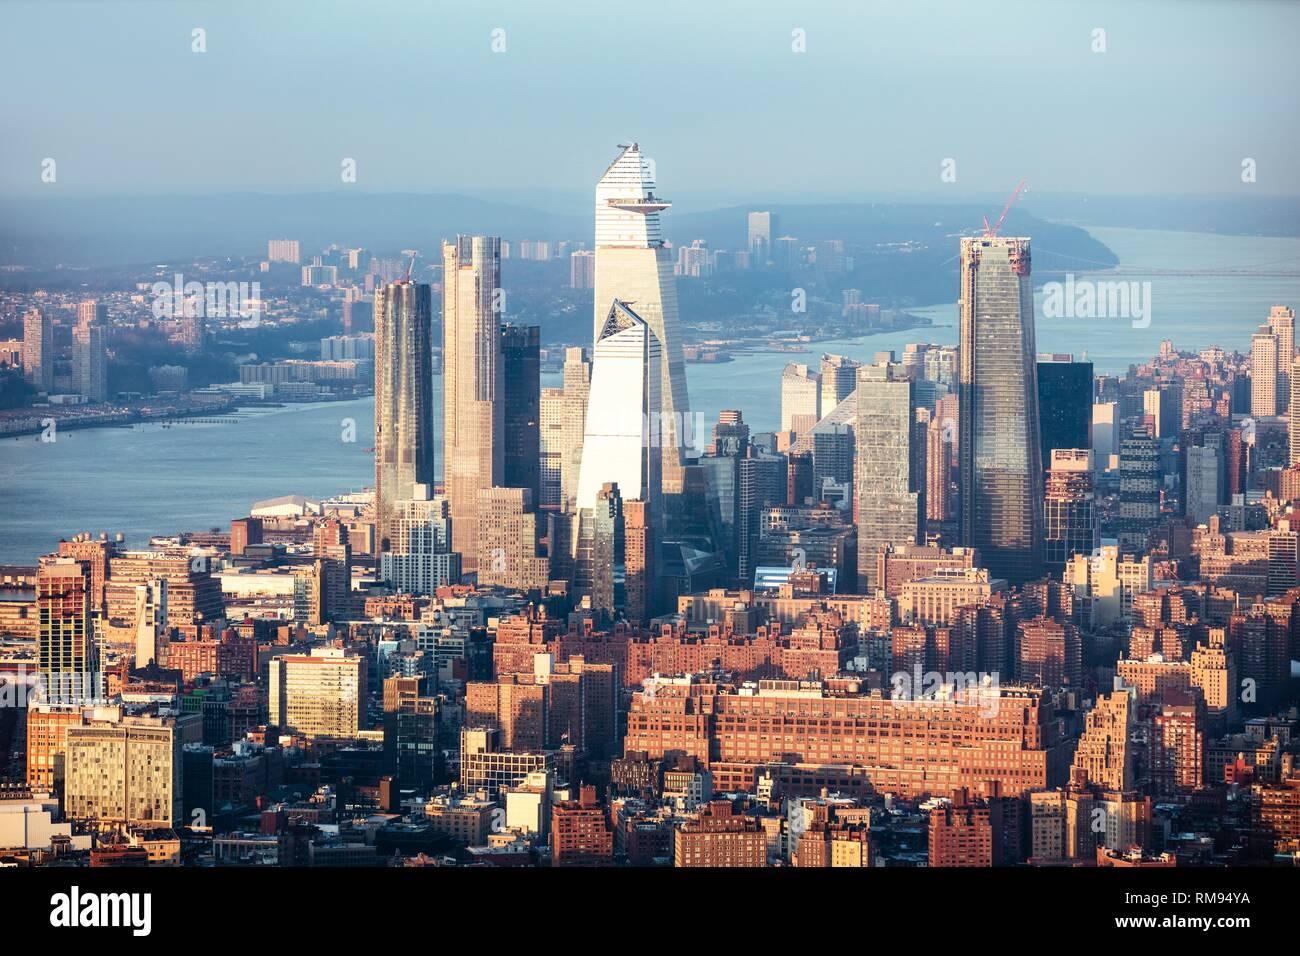 Vista aérea de Manhattan en la Ciudad de Nueva York durante la puesta de sol Foto de stock